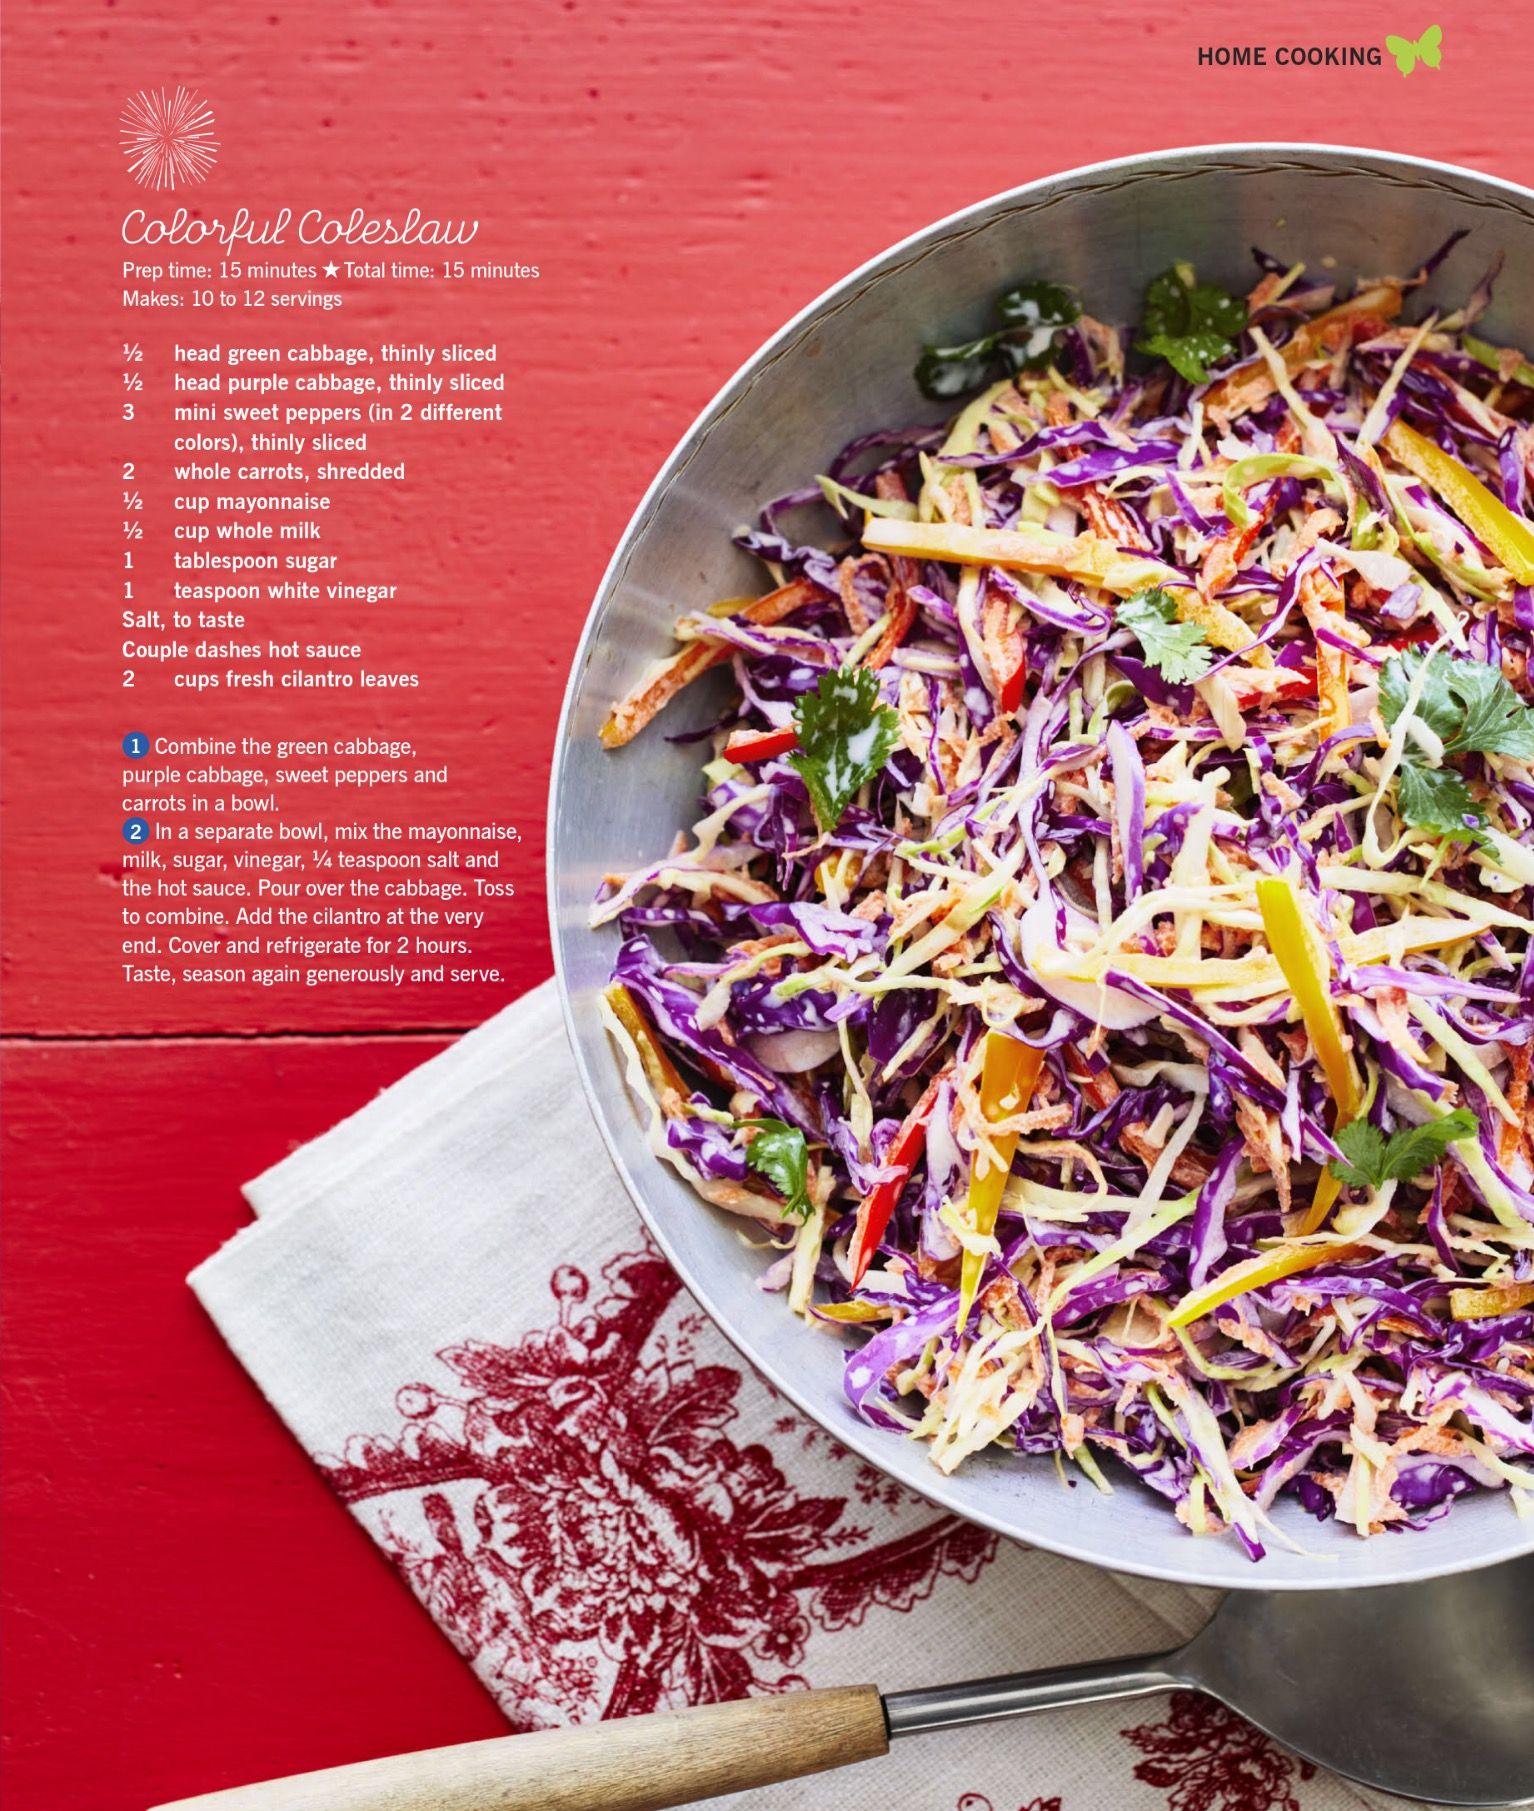 Pioneer Woman Colorful Coleslaw Coleslaw Recipe Pioneer Woman Coleslaw Barbeque Recipes